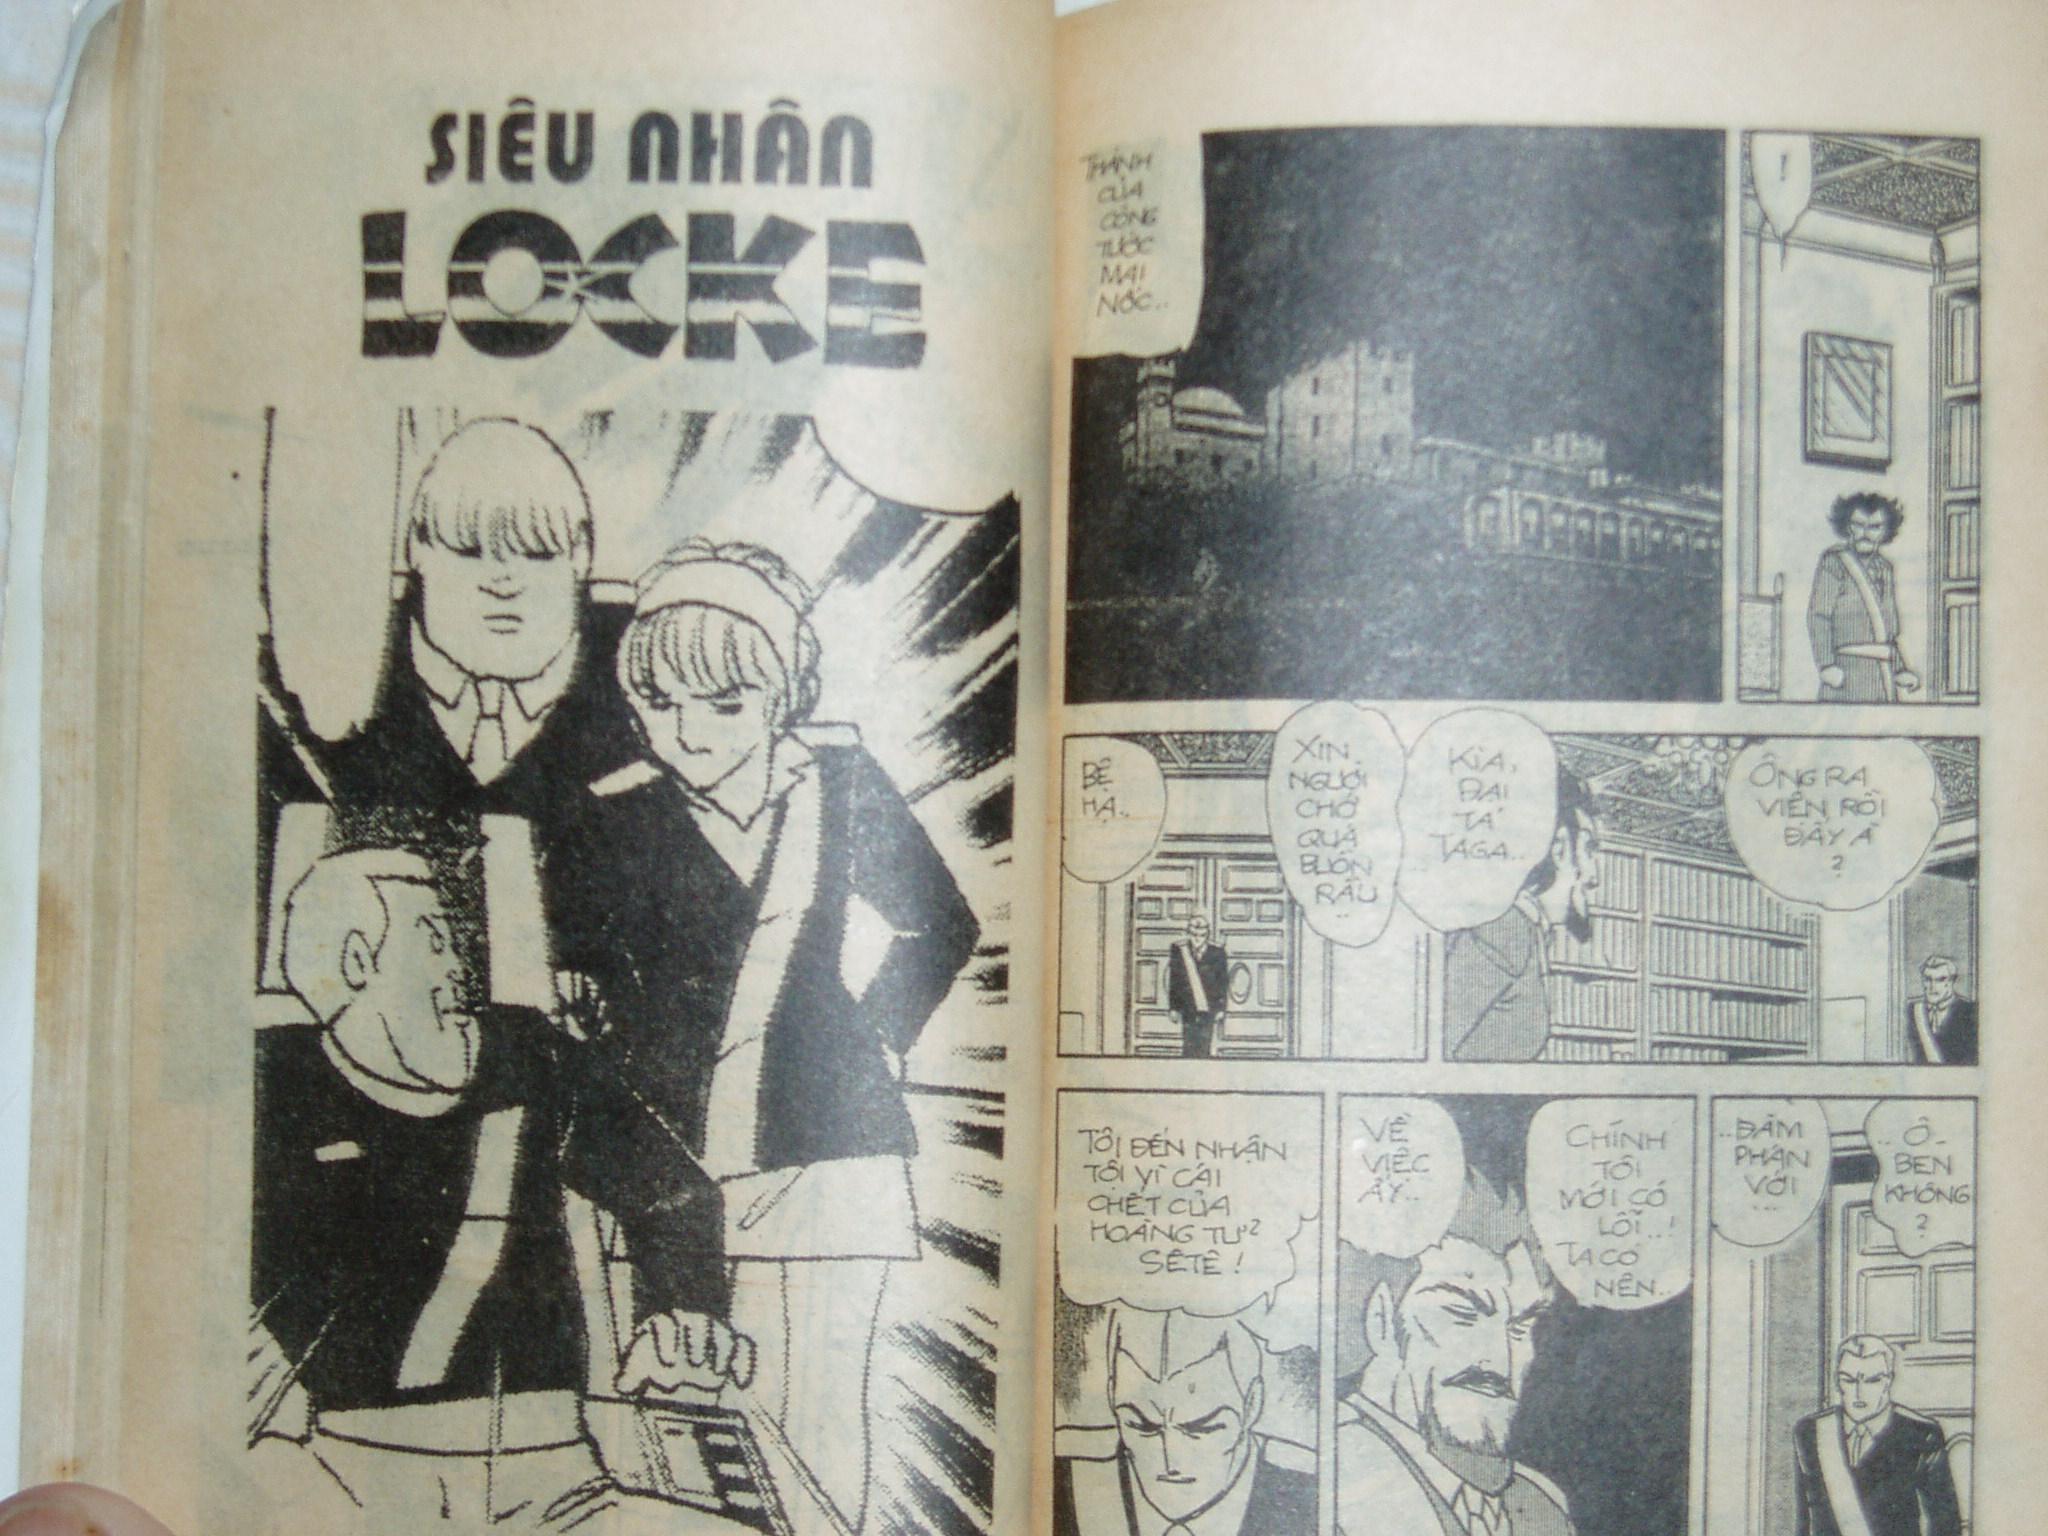 Siêu nhân Locke vol 13 trang 38